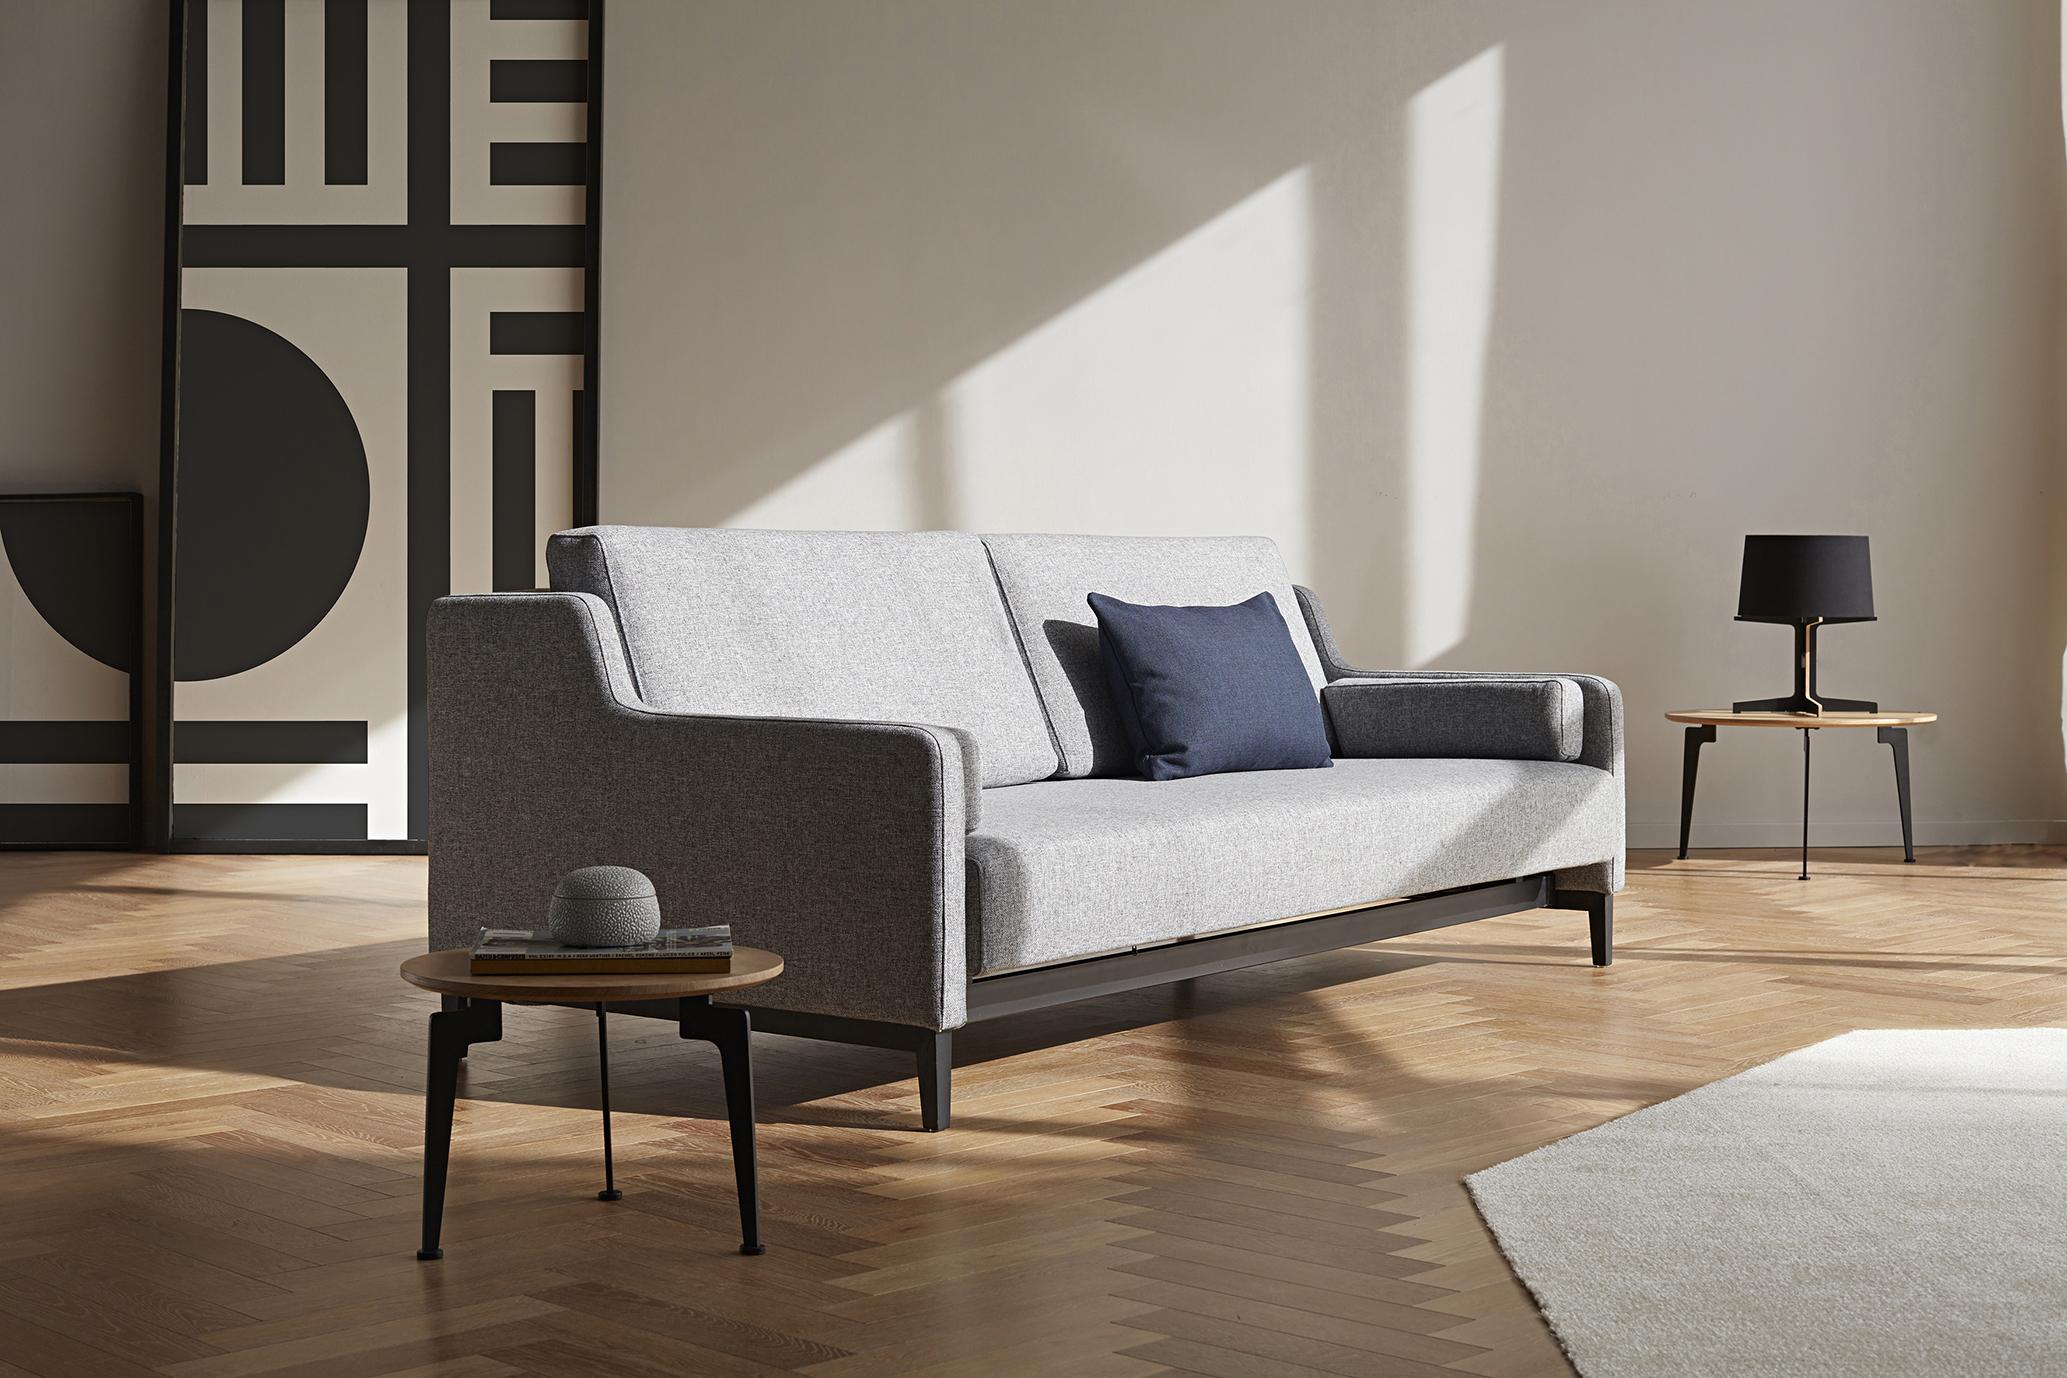 Hermod-sofa-bed-oliver-lukas-weisskrogh-7.jpg